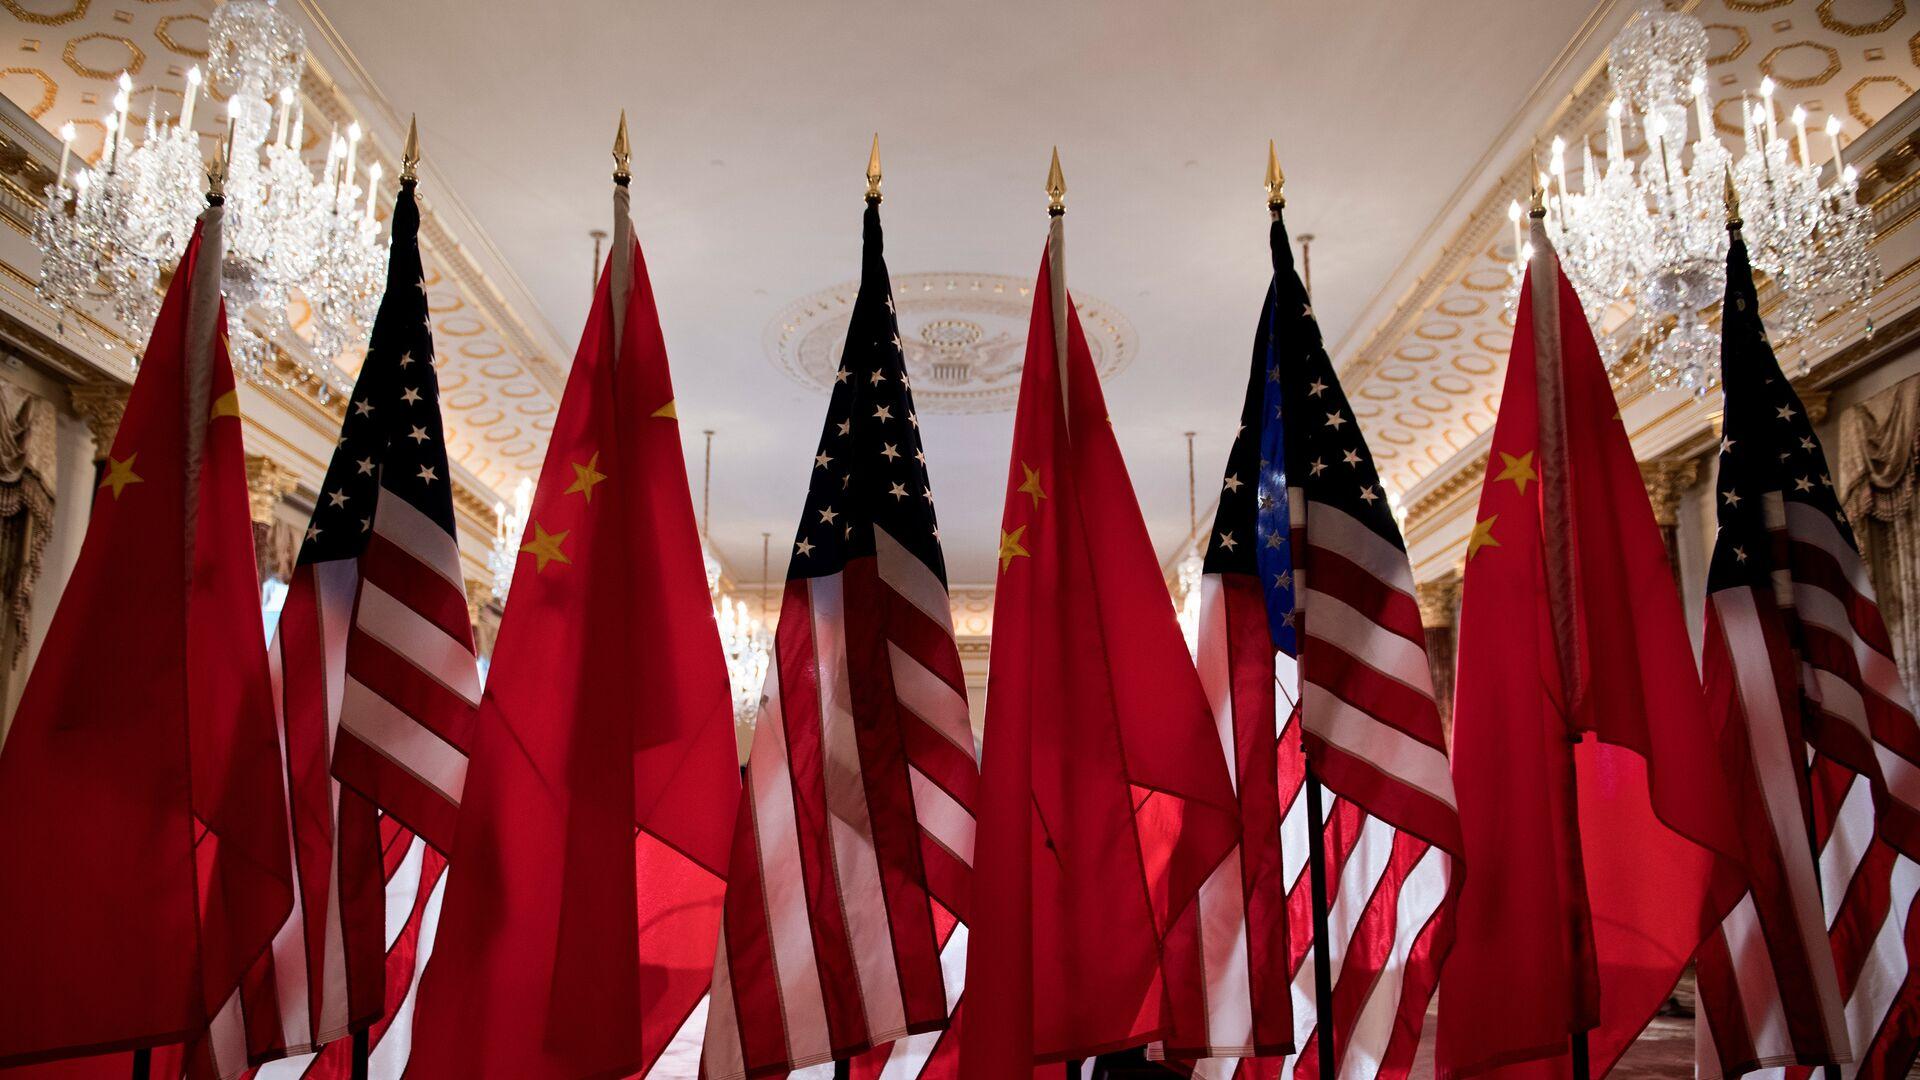 Κινεζικές και αμερικανικές σημαίες - Sputnik Ελλάδα, 1920, 19.09.2021